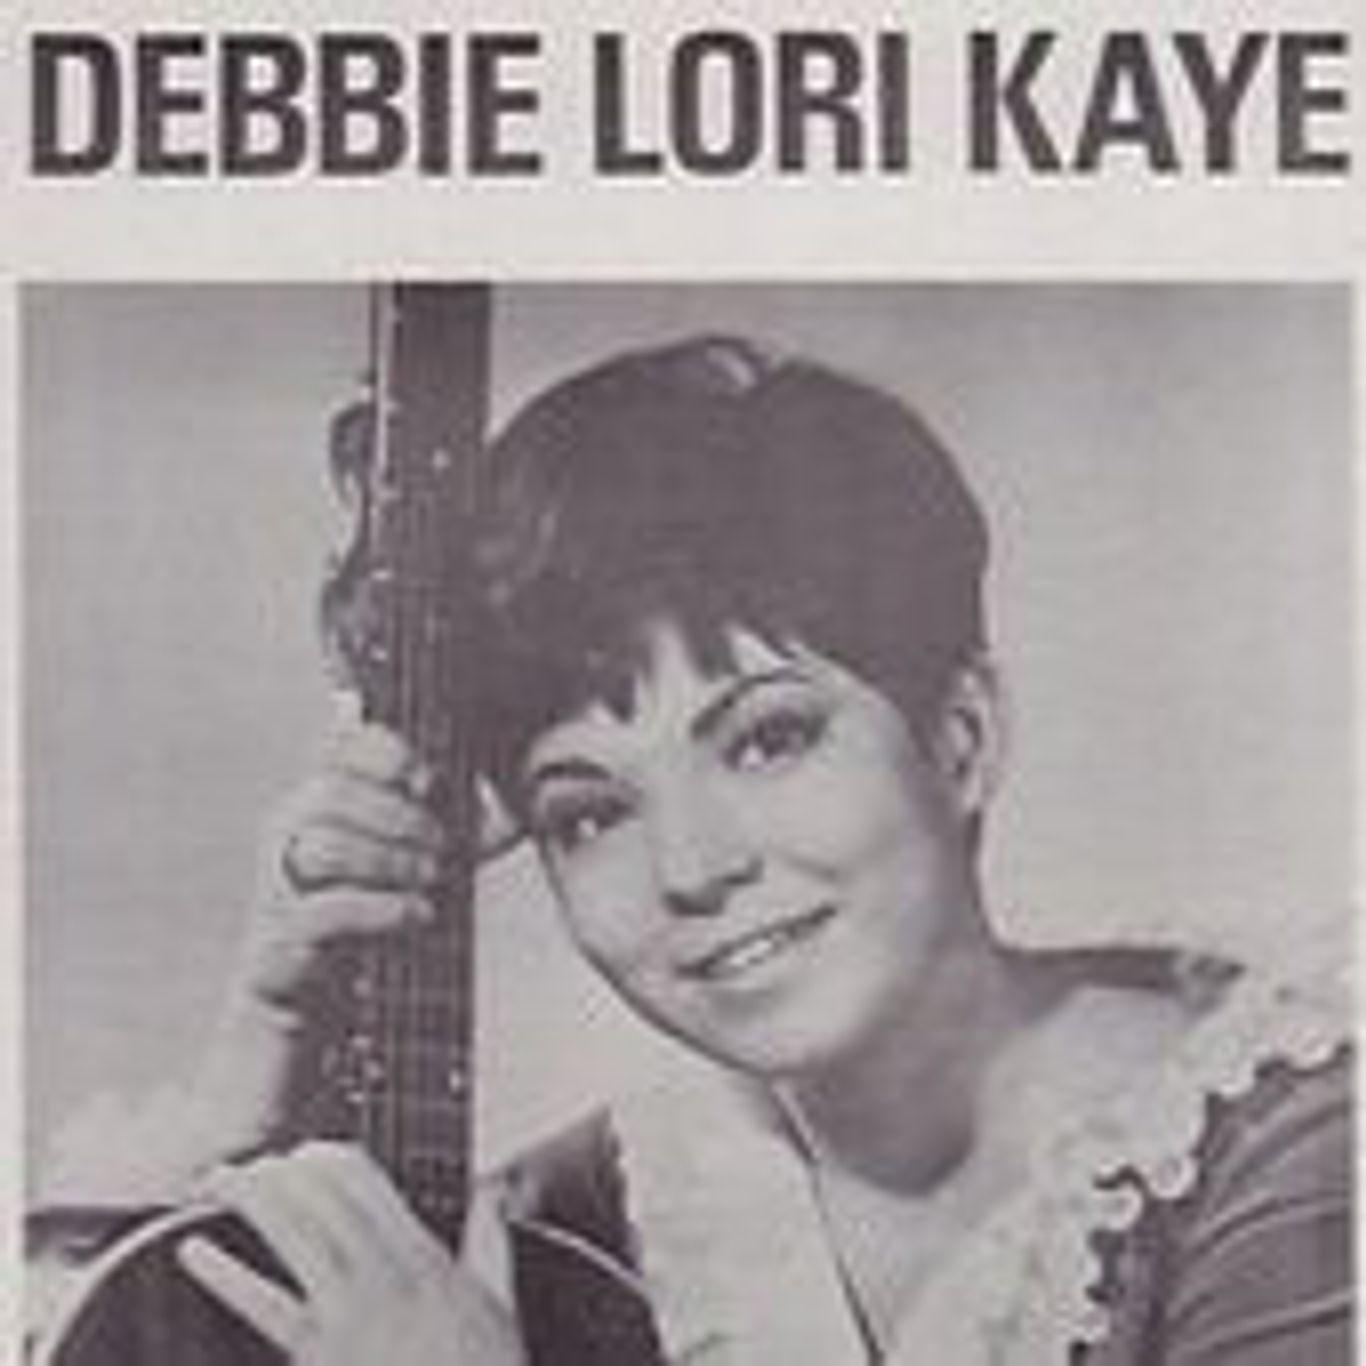 Debbie Lori Kaye